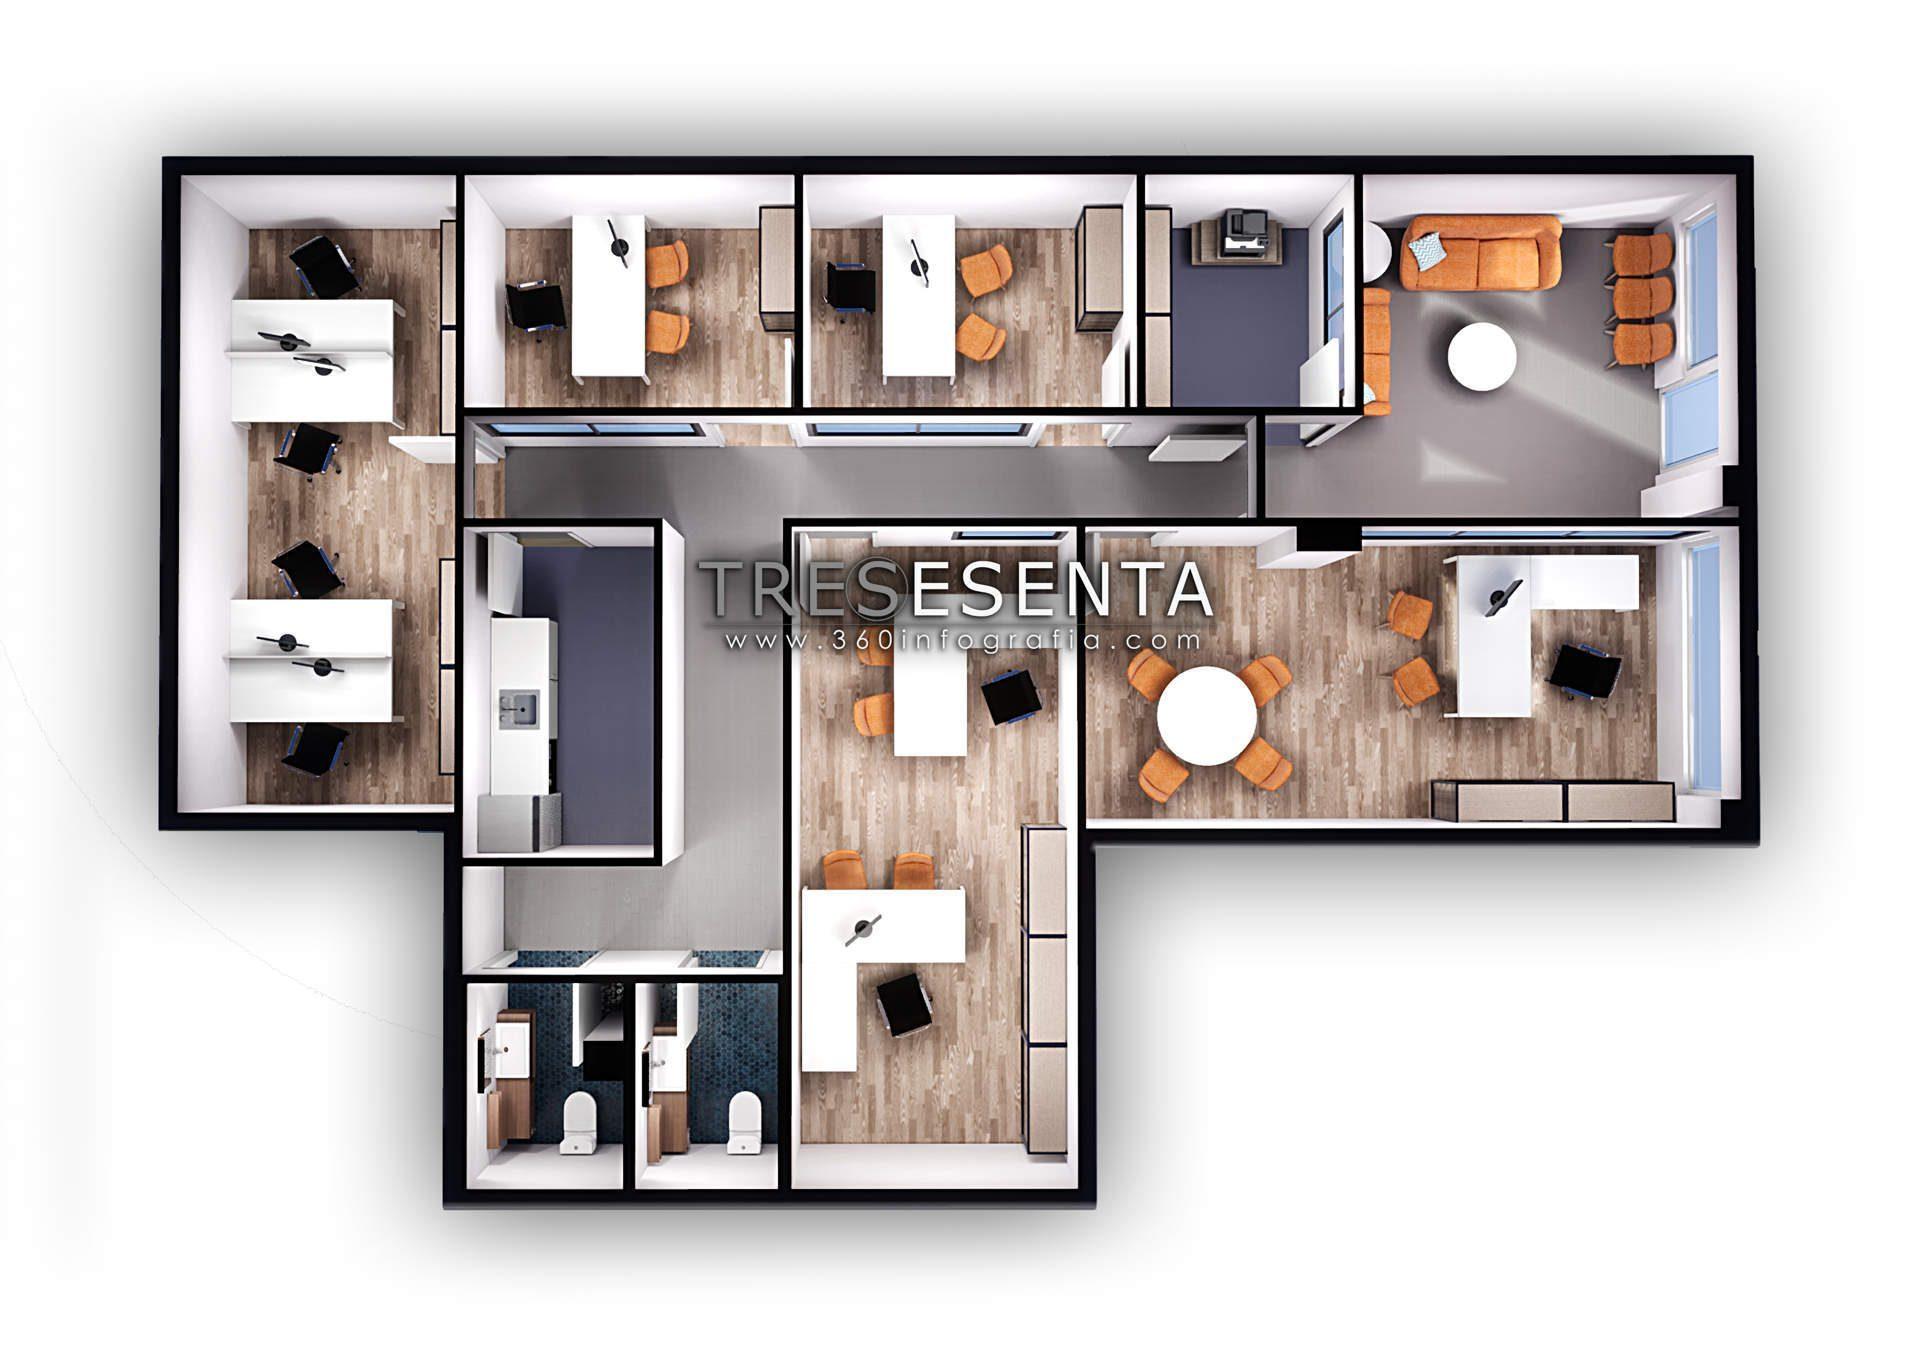 Plano comercial 3d. www.360infografia.com